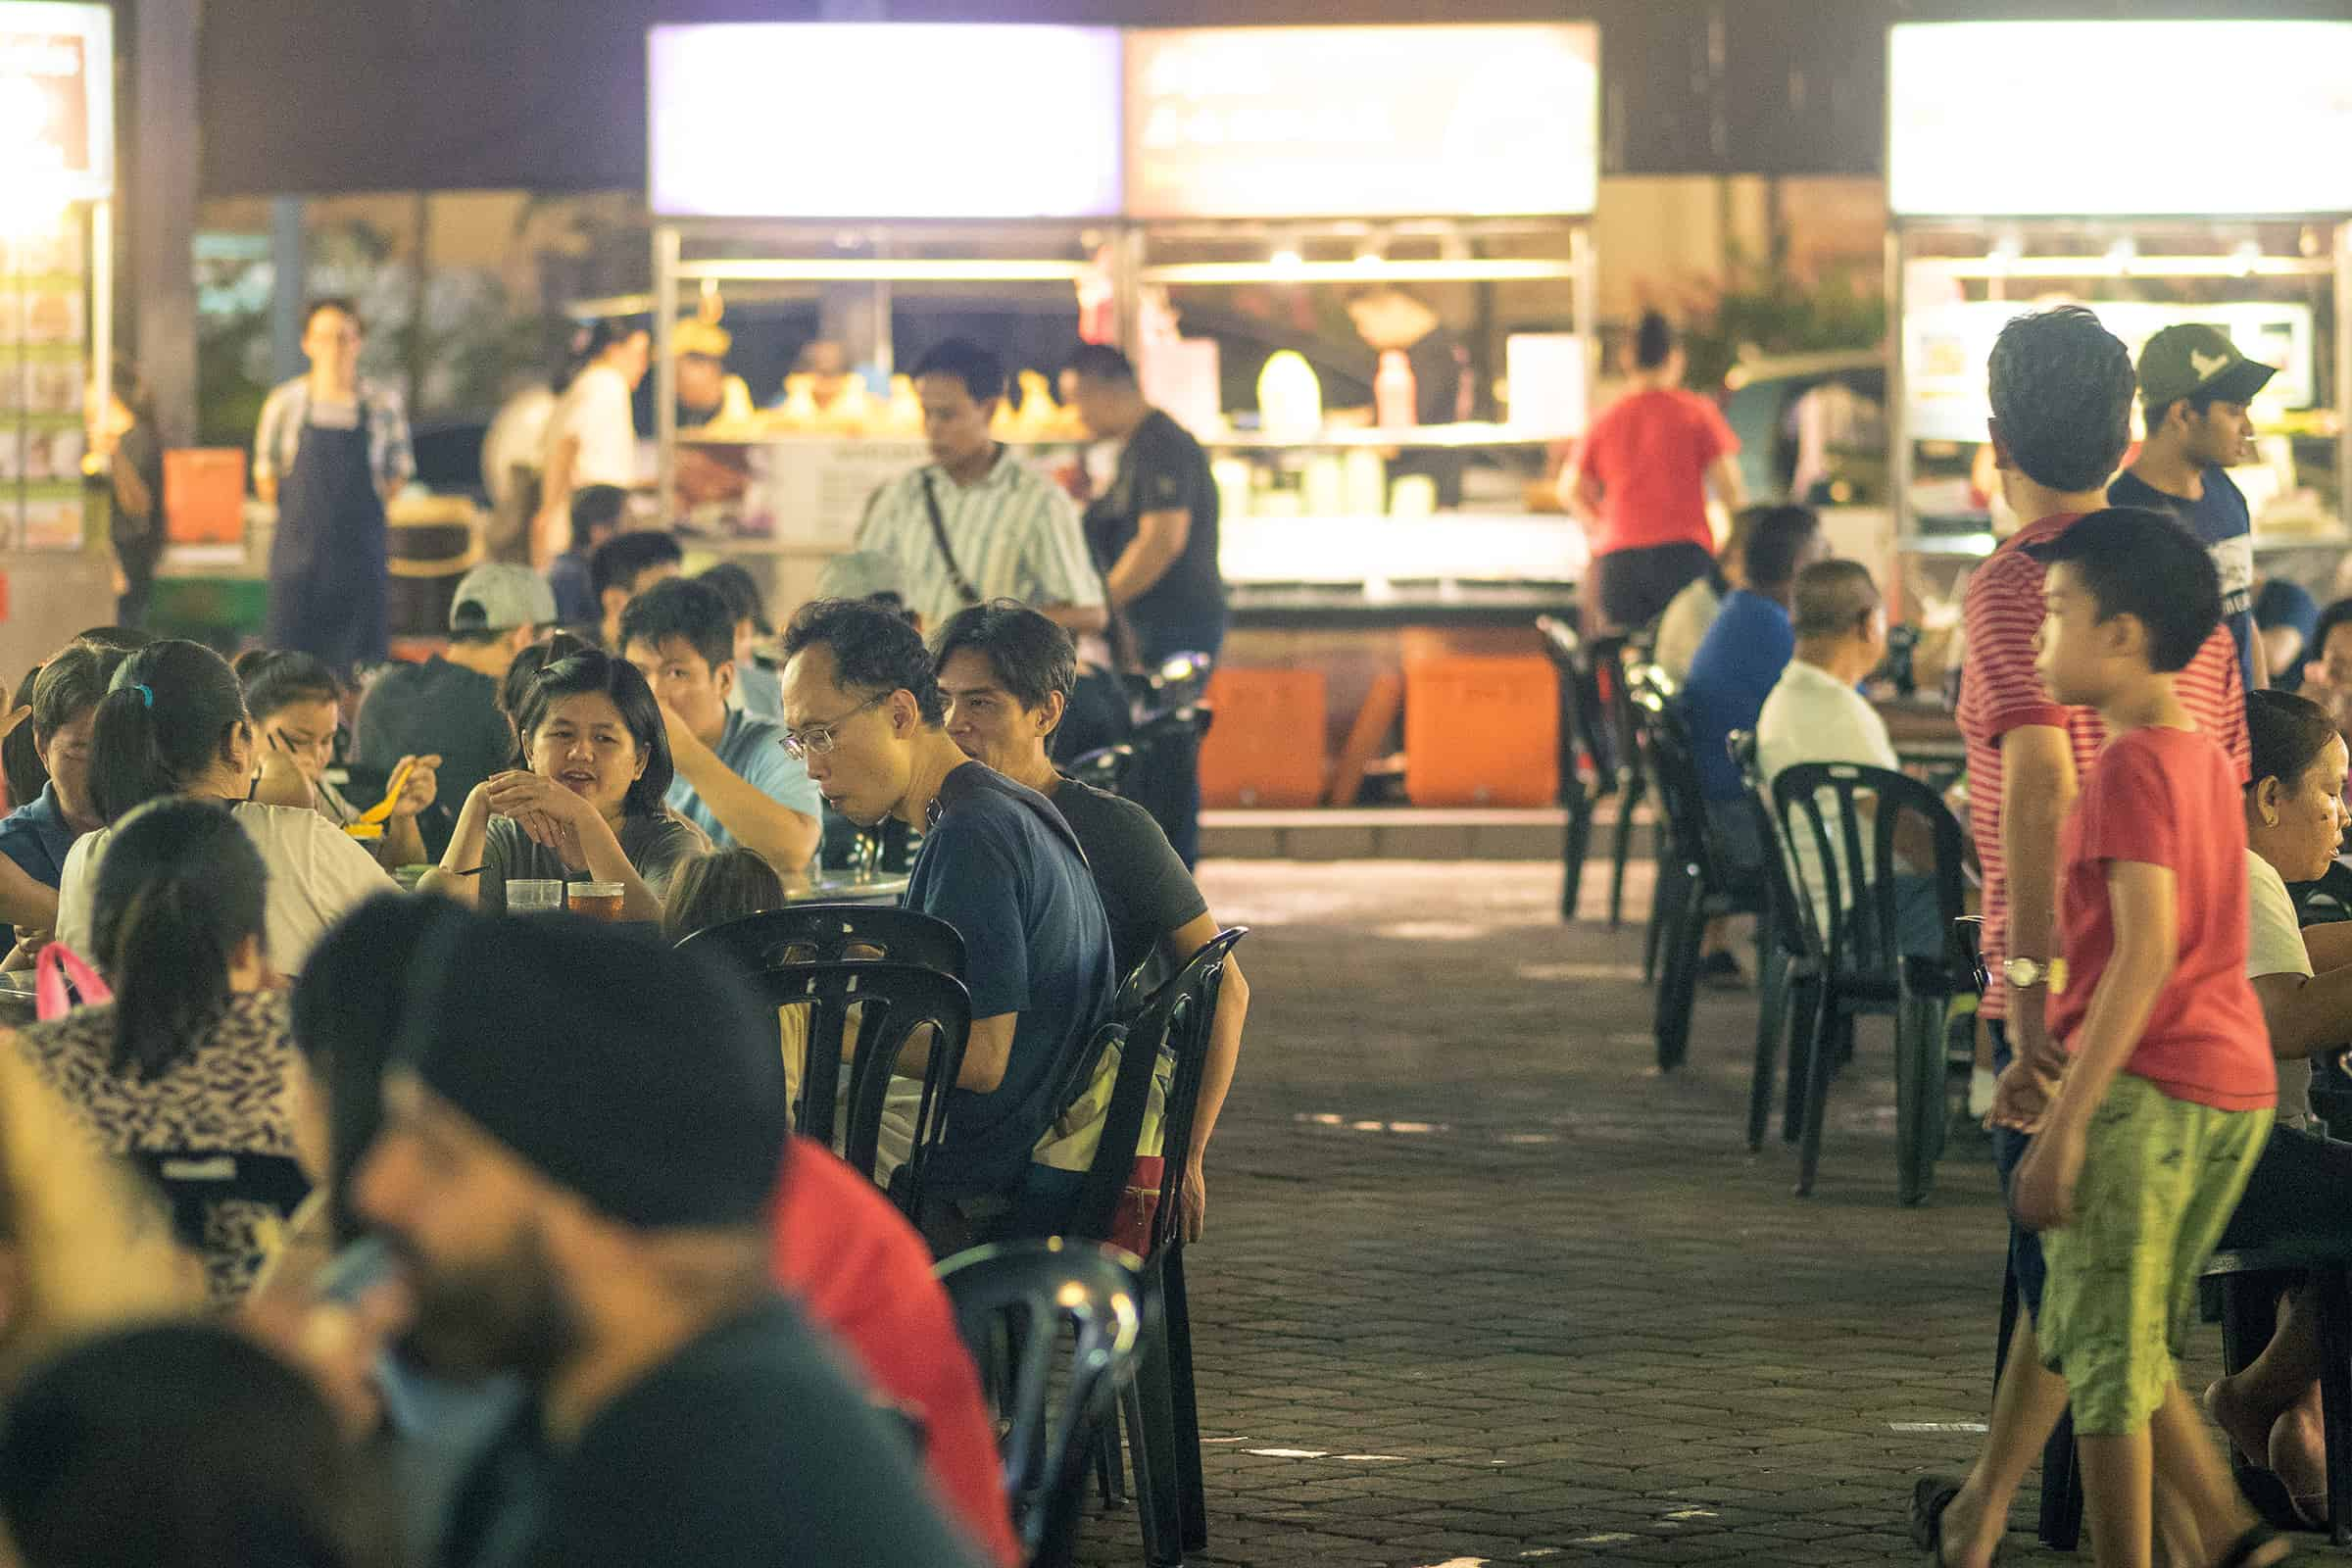 Foodcourt in Kuala Lumpur